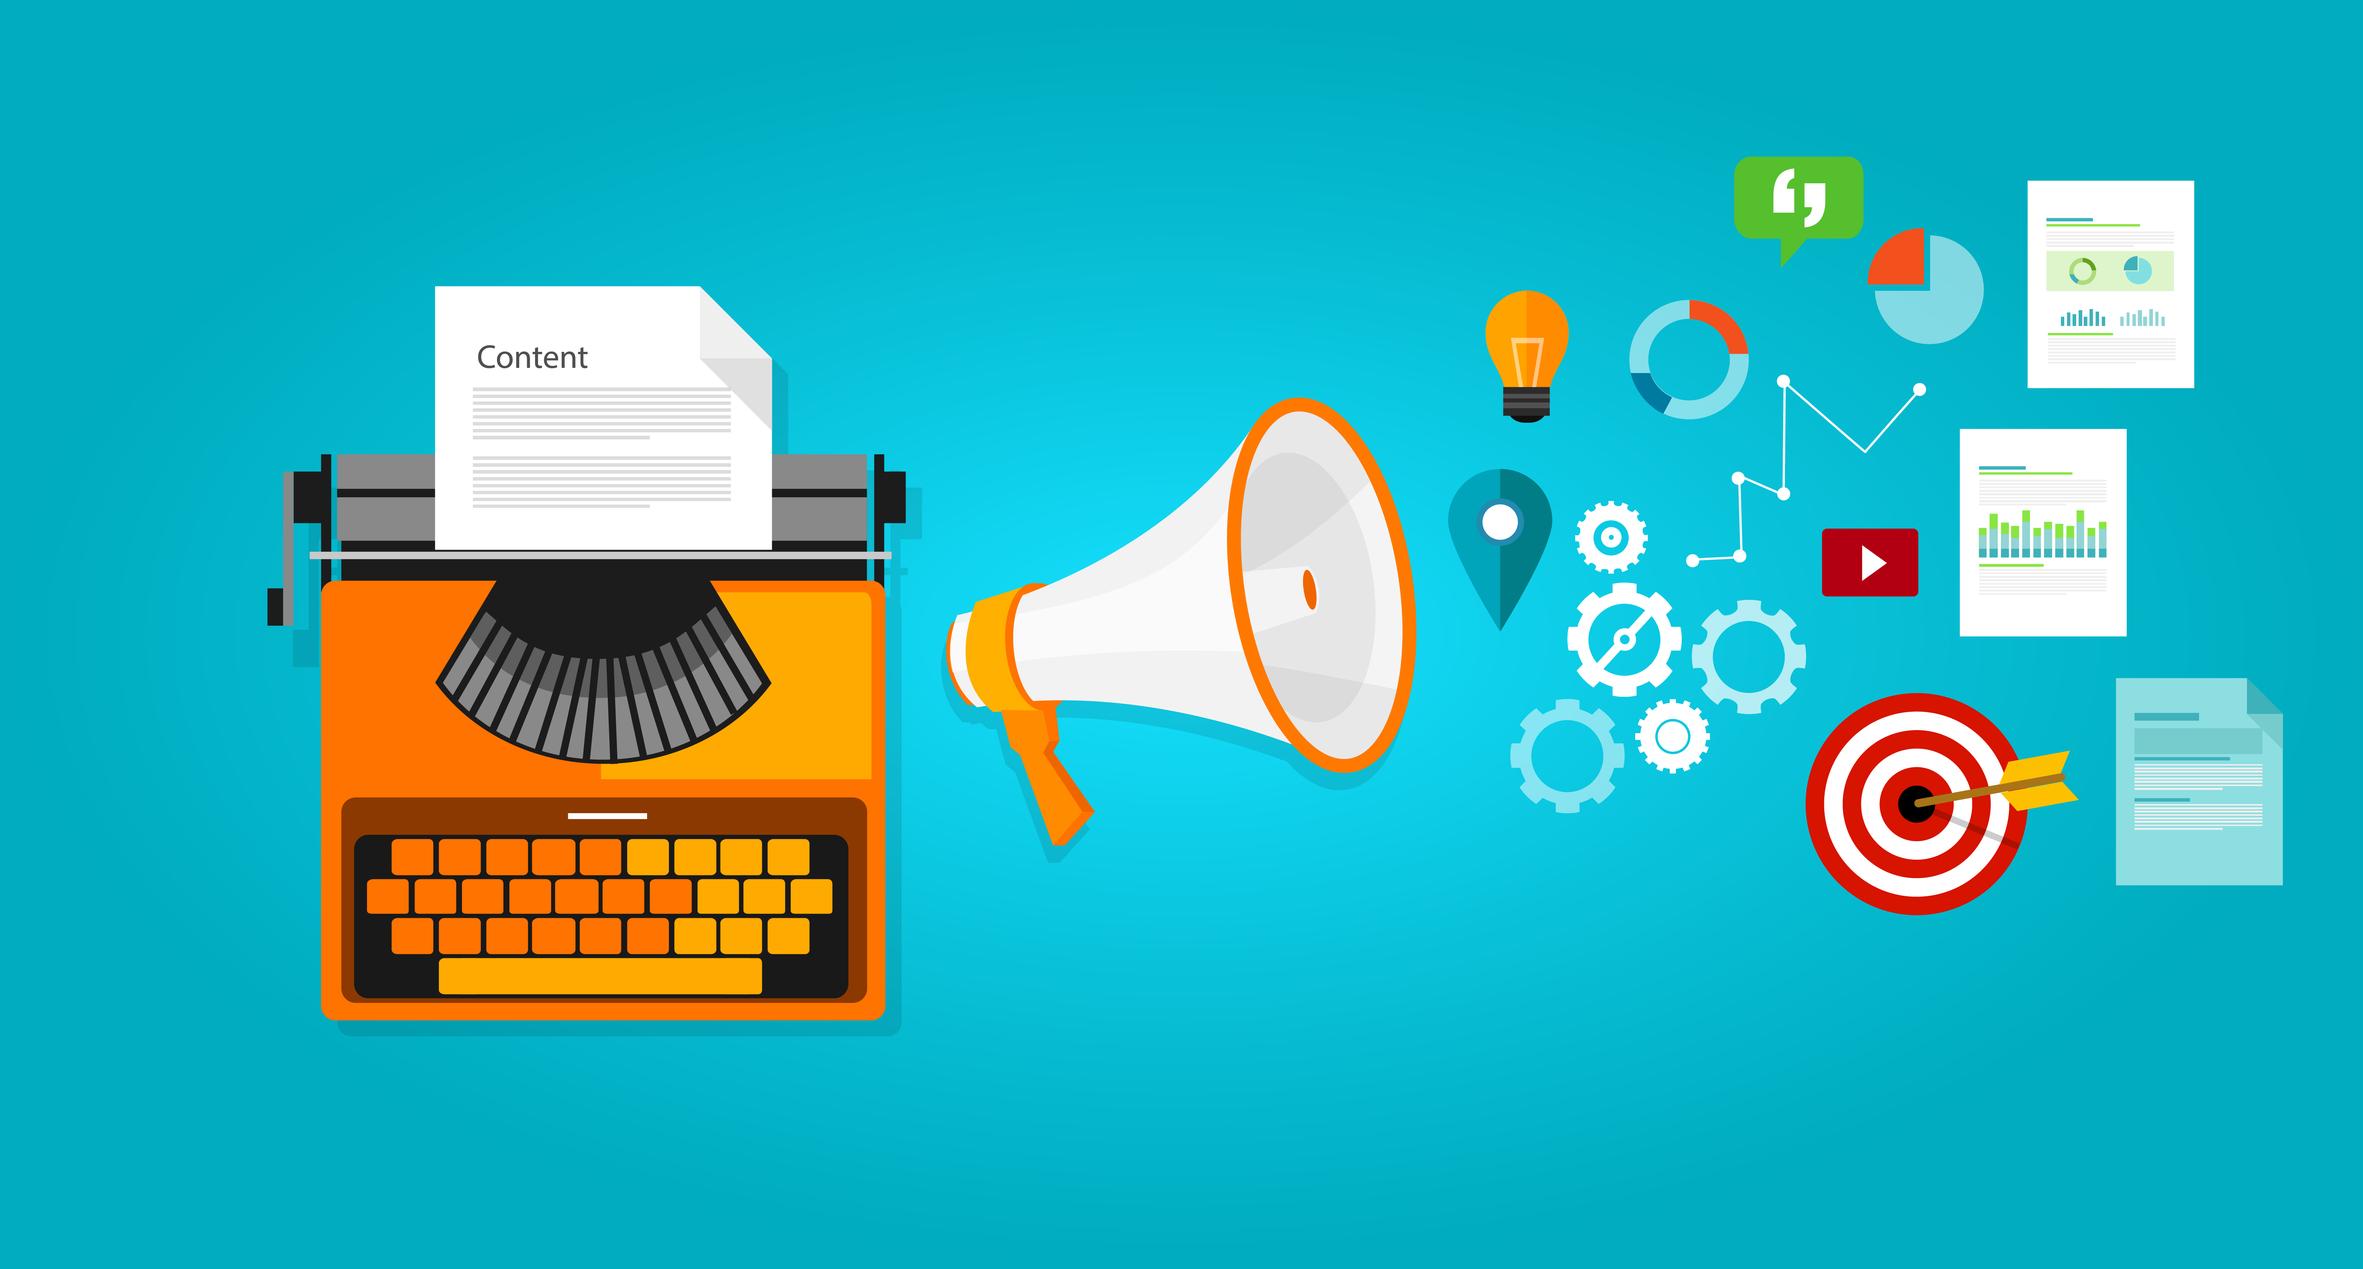 Strategi Content Marketing untuk Pertumbuhan Bisnis